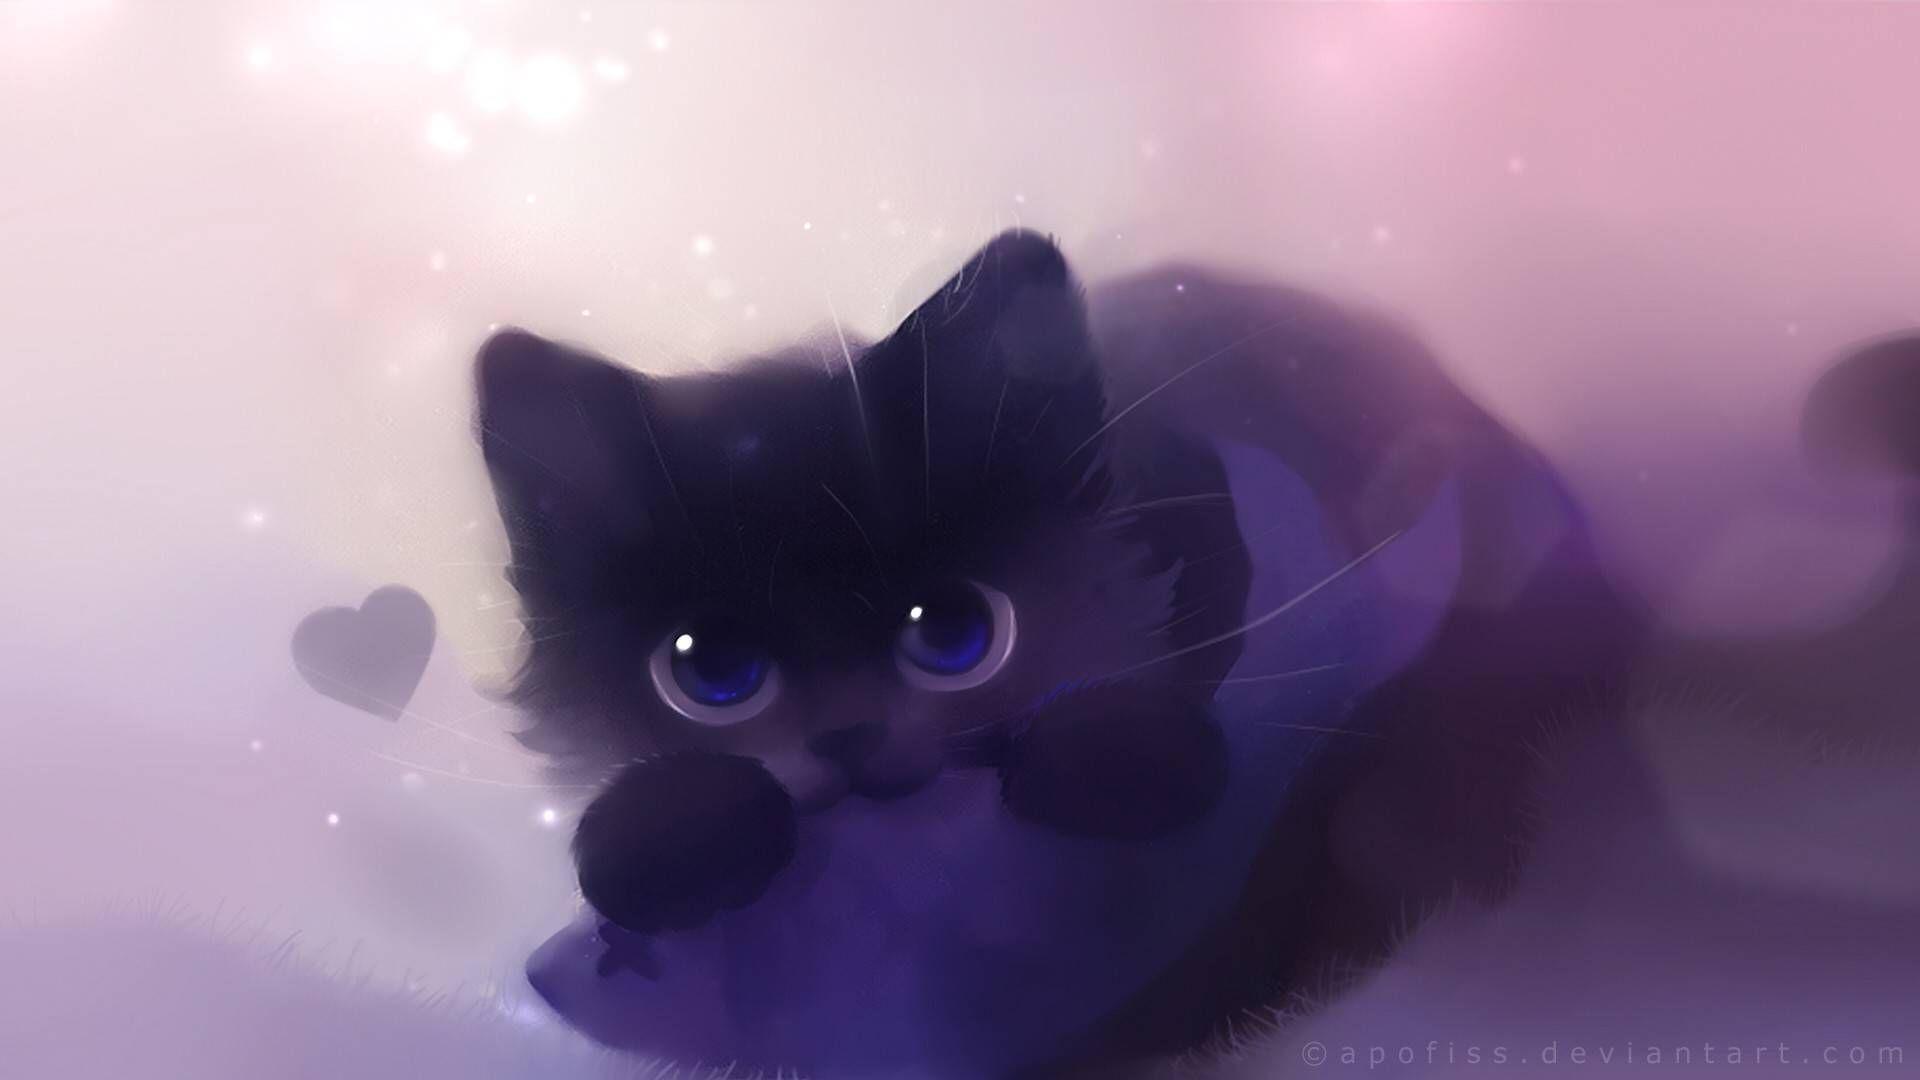 Cute Anime Cat Wallpaper In 2020 Black Cat Anime Cat Art Cute Anime Cat